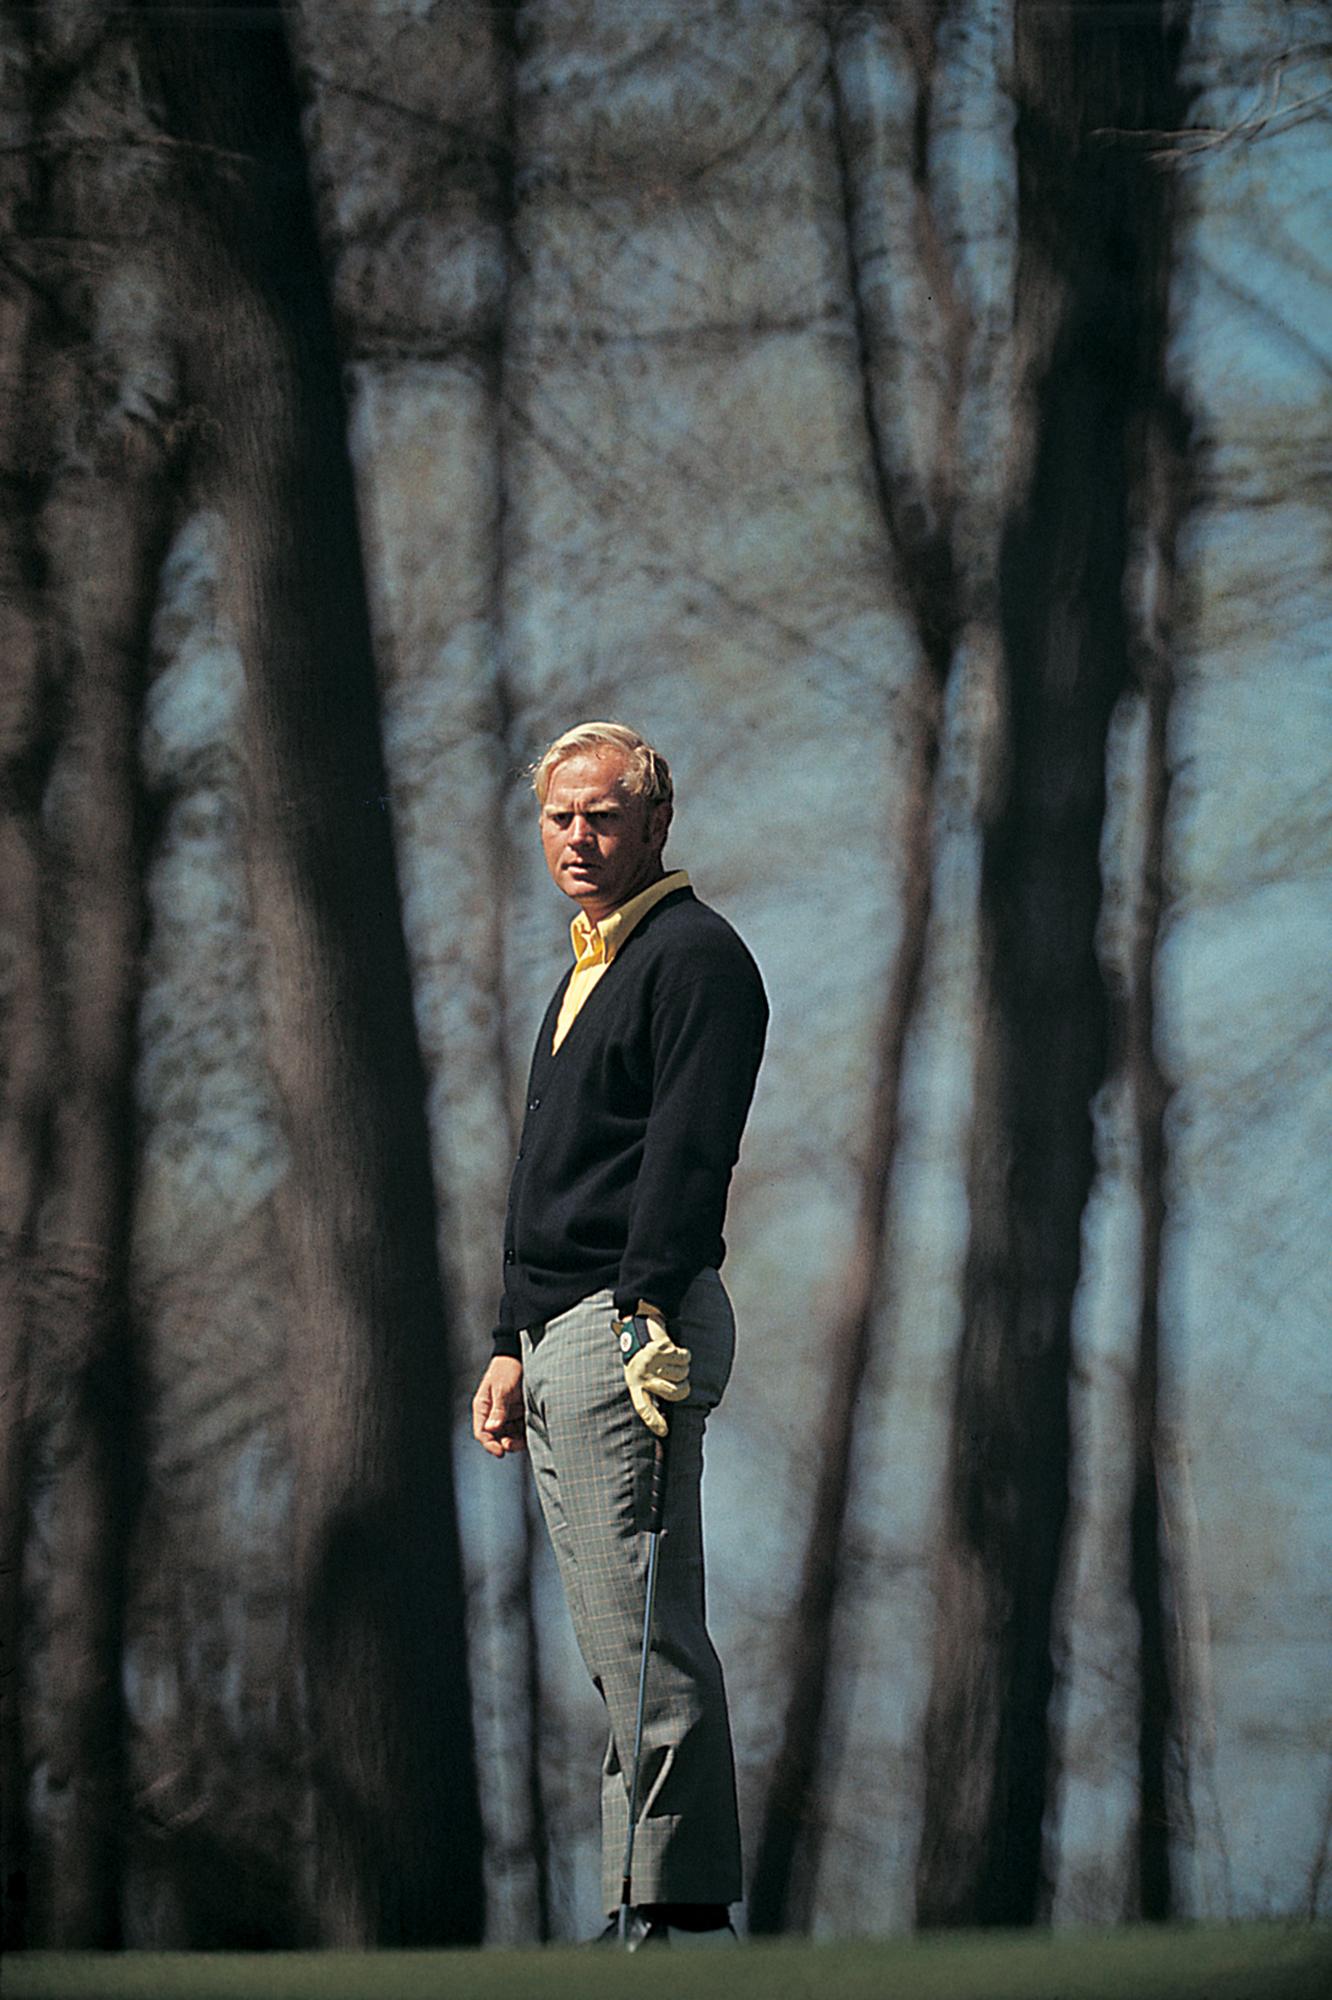 Jack Nicklaus, 1970